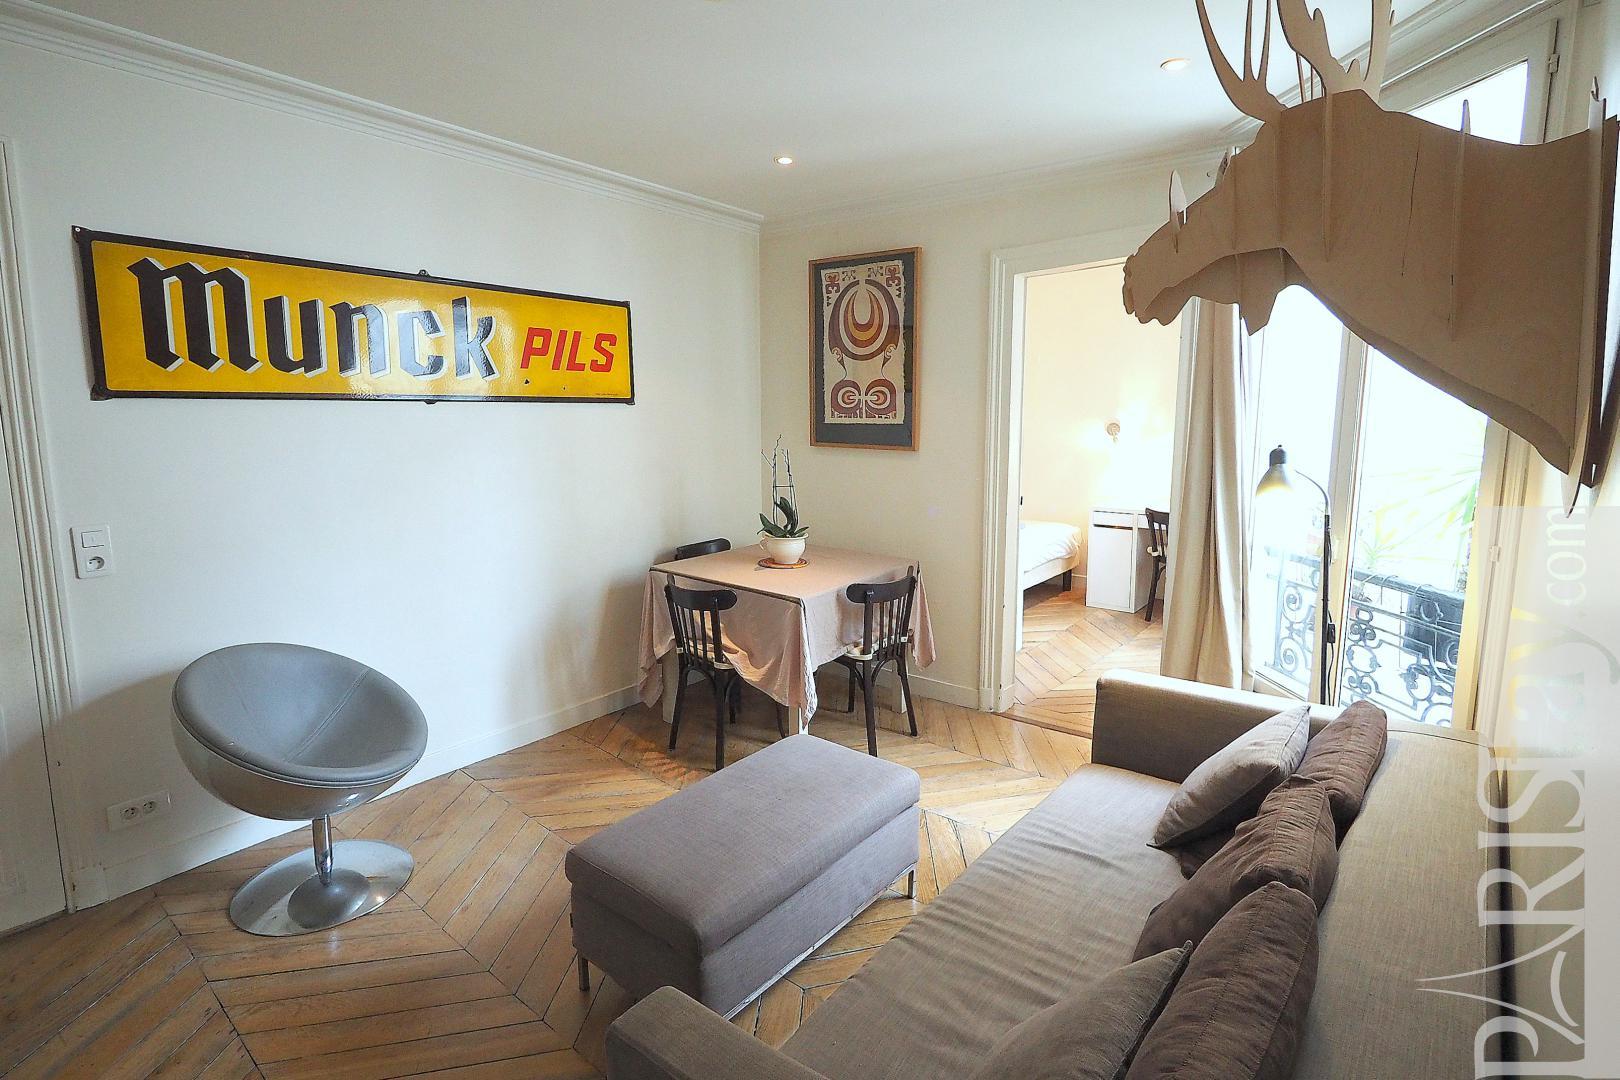 Appartement meuble a louer a paris t2 montorgueil for Louer meuble paris